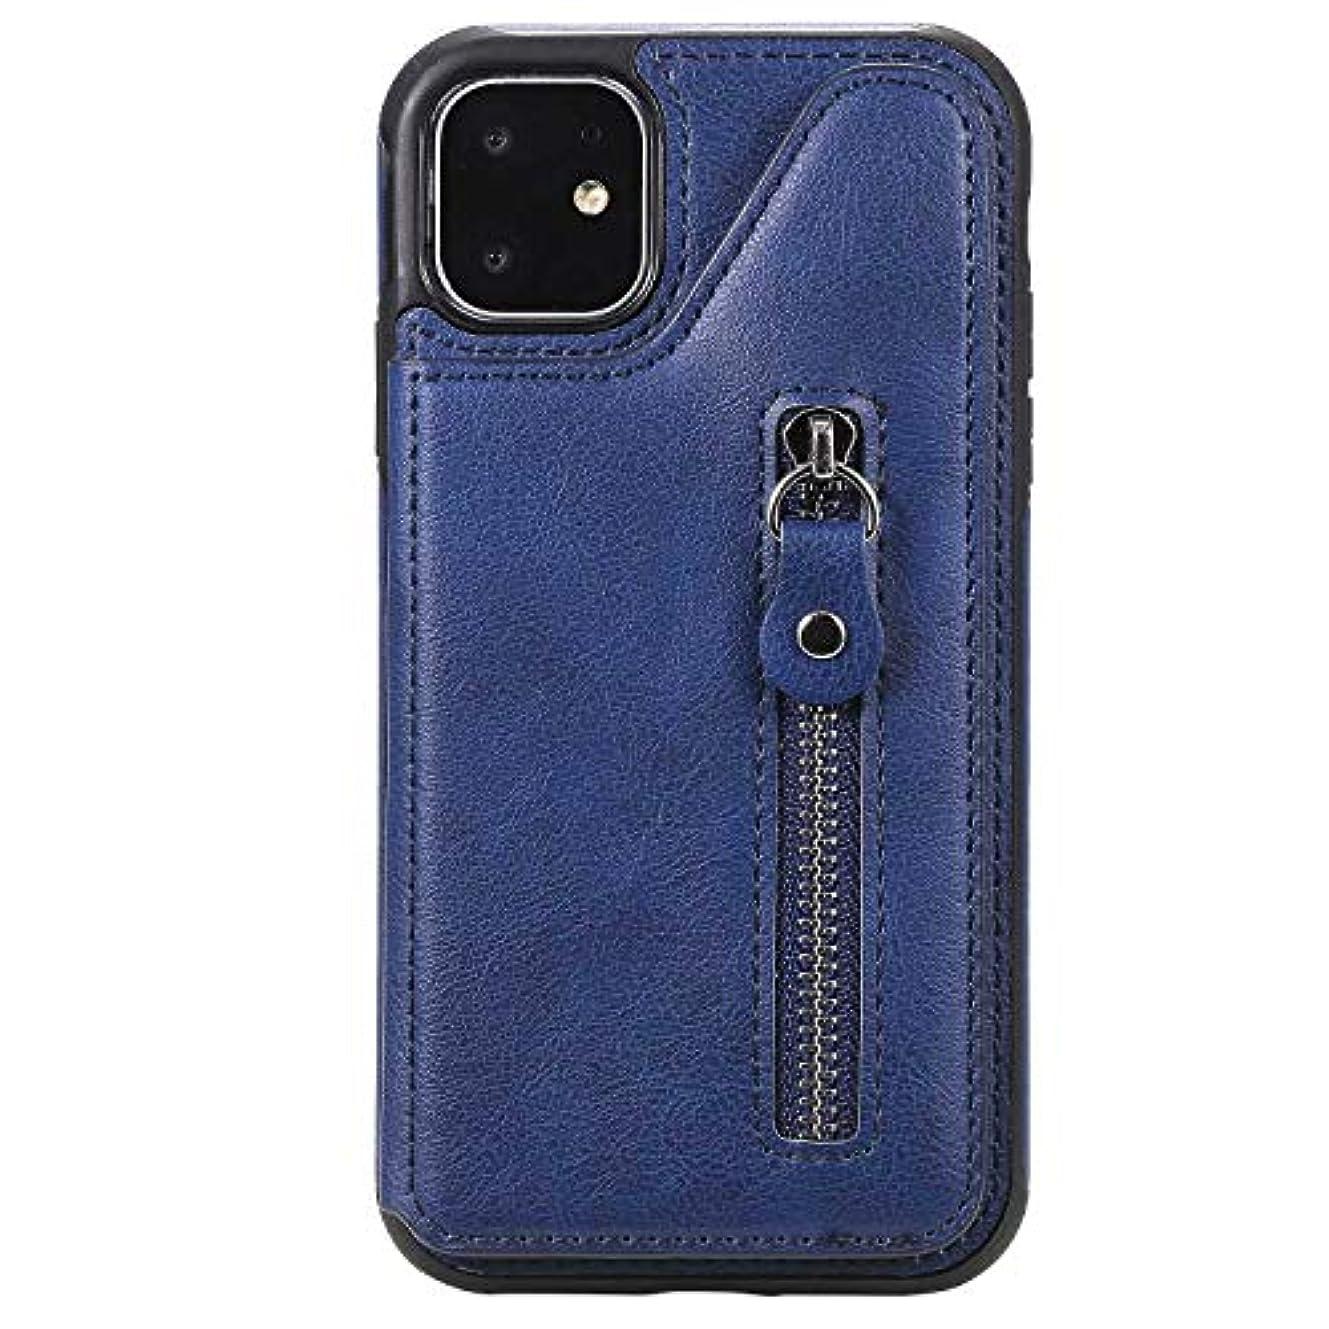 特殊トリムガレージOMATENTI iPhone 11 6.1 ケース, PUレザー 薄型 簡約風 人気 新品 バックケース iPhone 11 6.1 用 Case Cover, 財布とコインポケット付き, 液晶保護 カード収納, 青